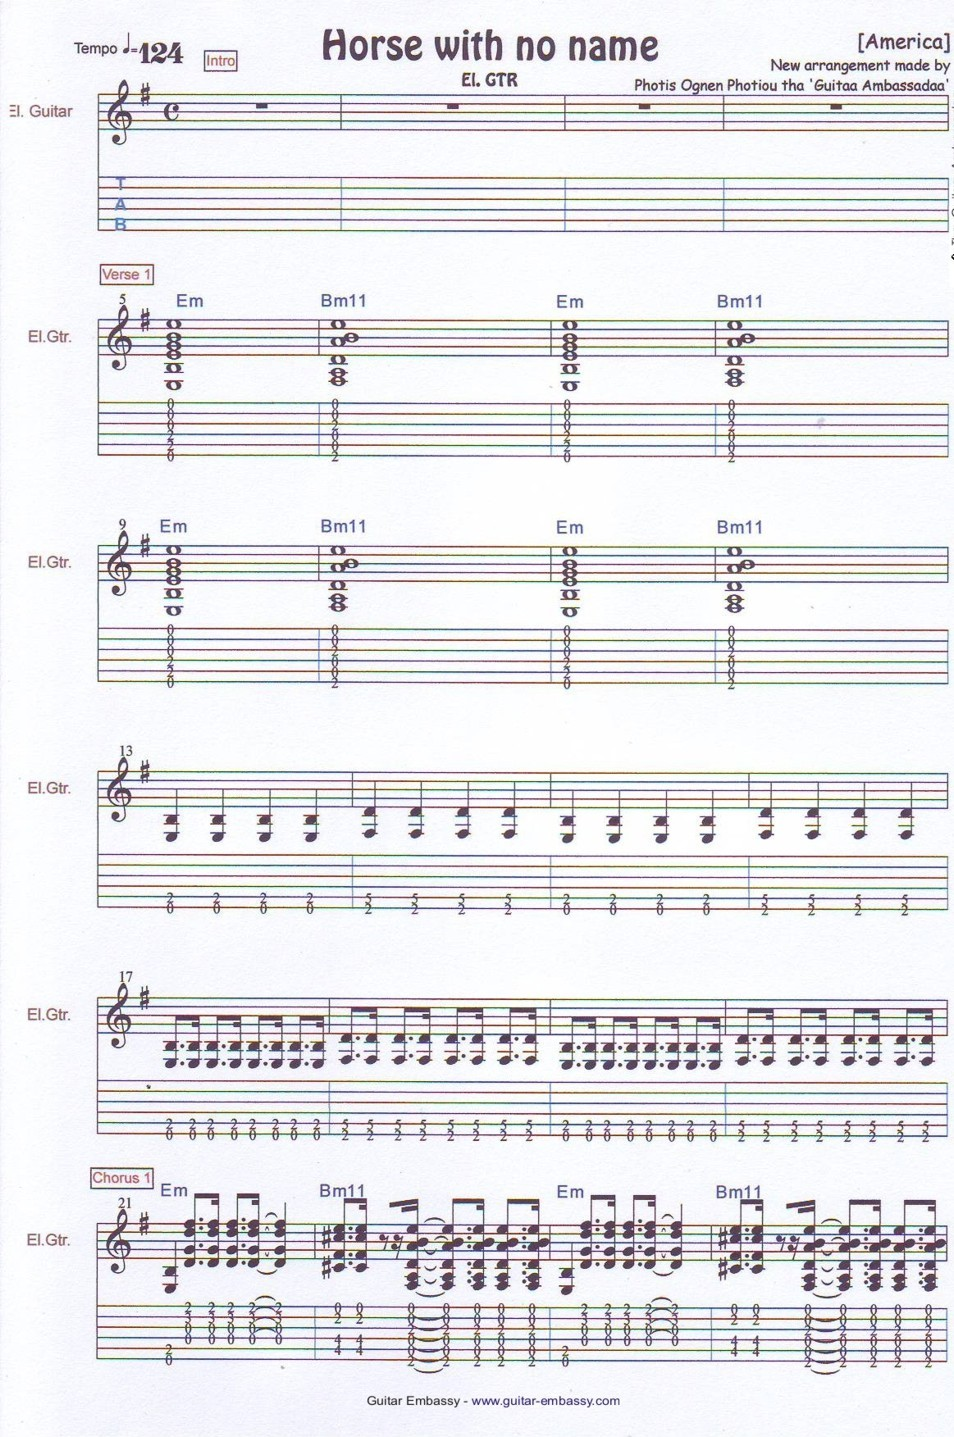 easy-tab-guitar_2.JPG